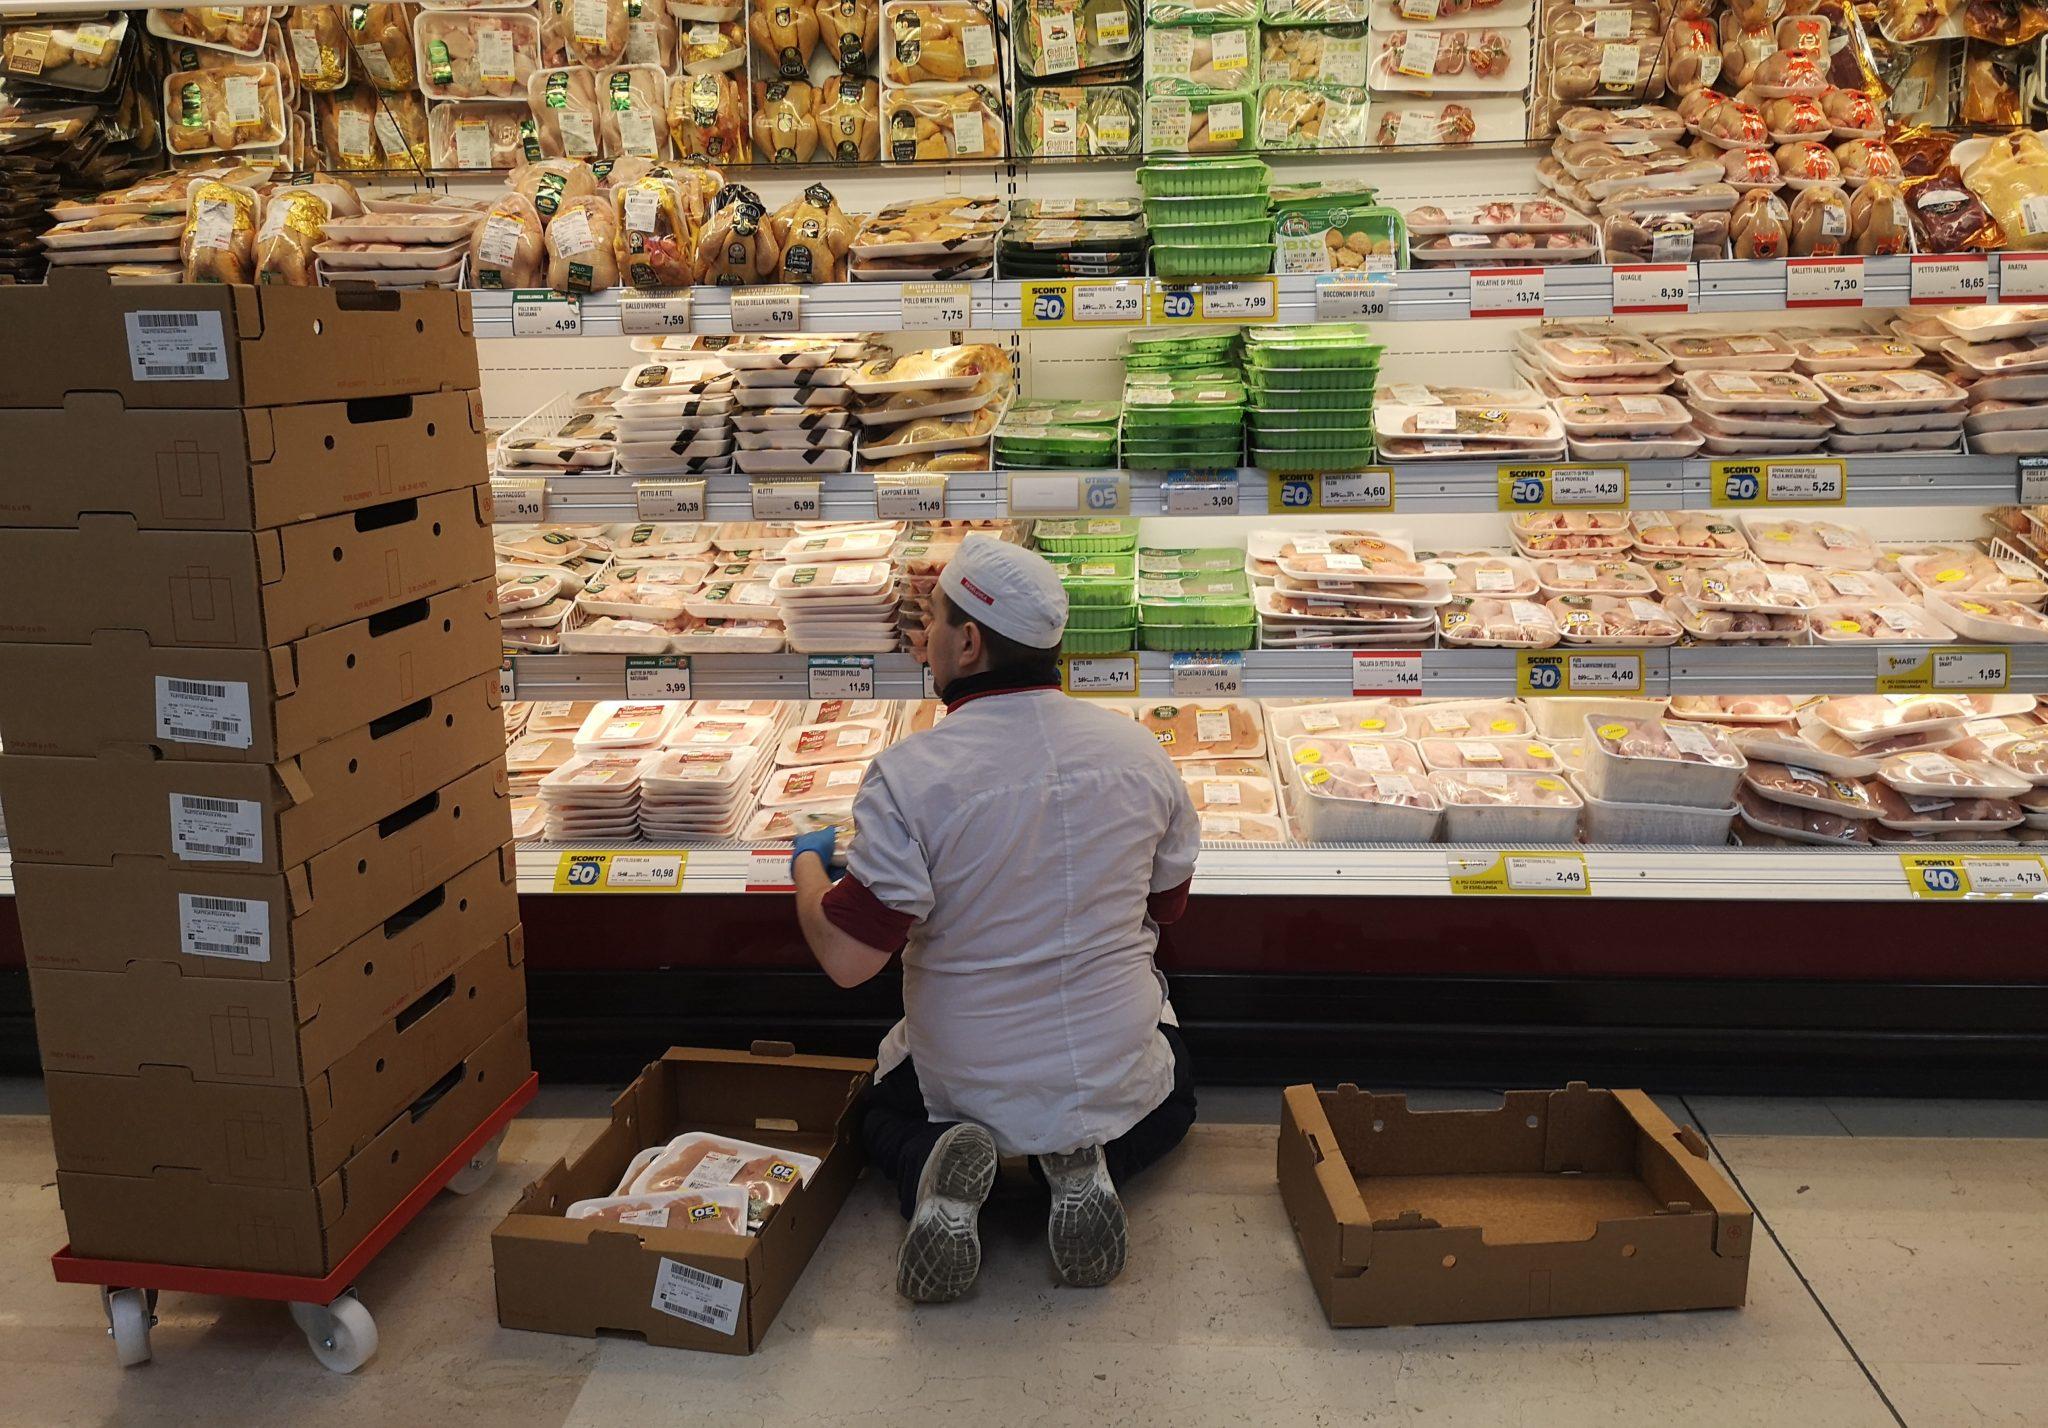 Uno dei lavoratori dei supermercati mentre rifornisce uno scaffale.